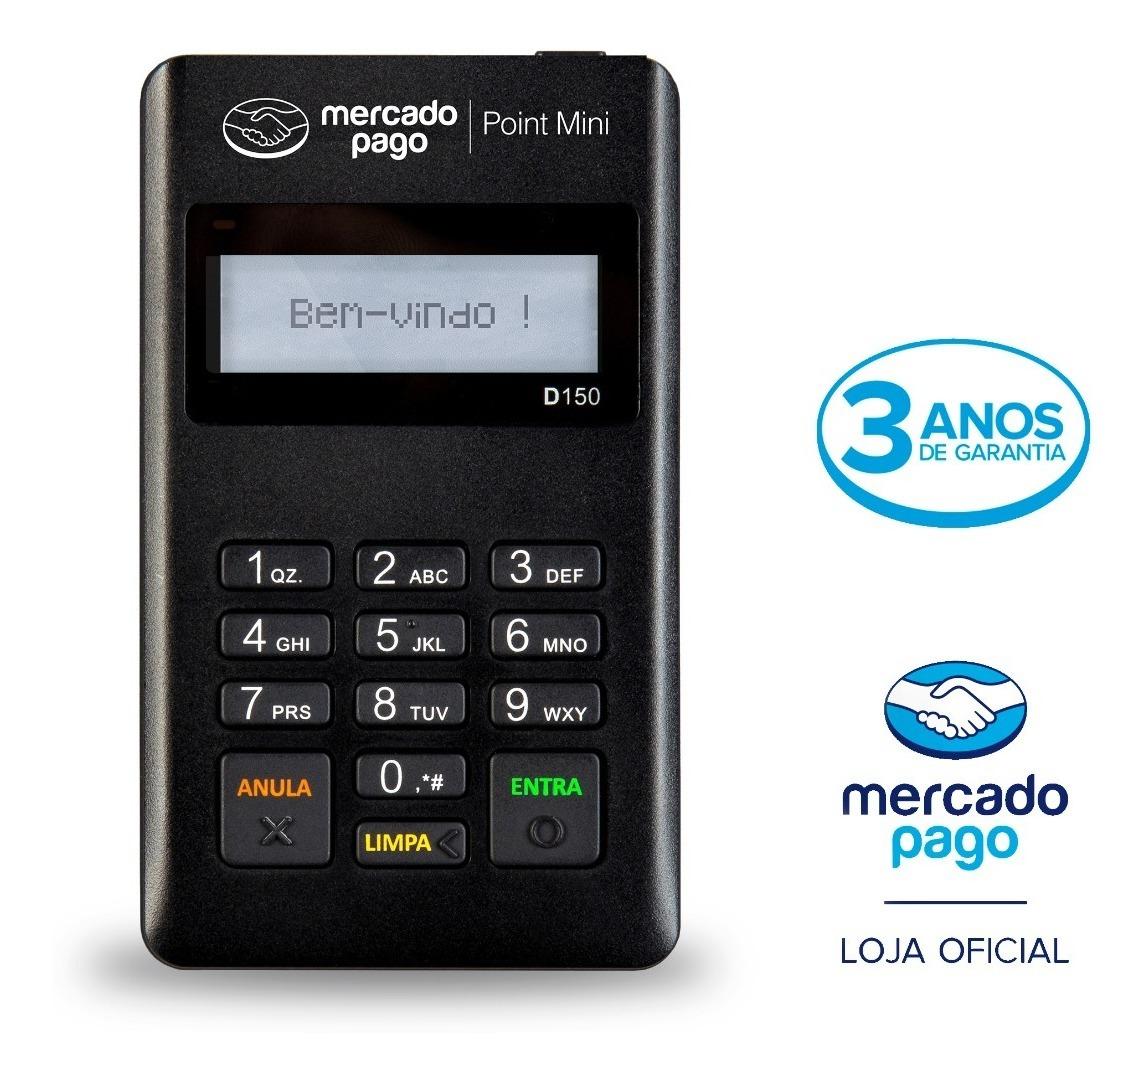 Maquininha Point Mini A Máquina De Cartão Do Mercado Pago